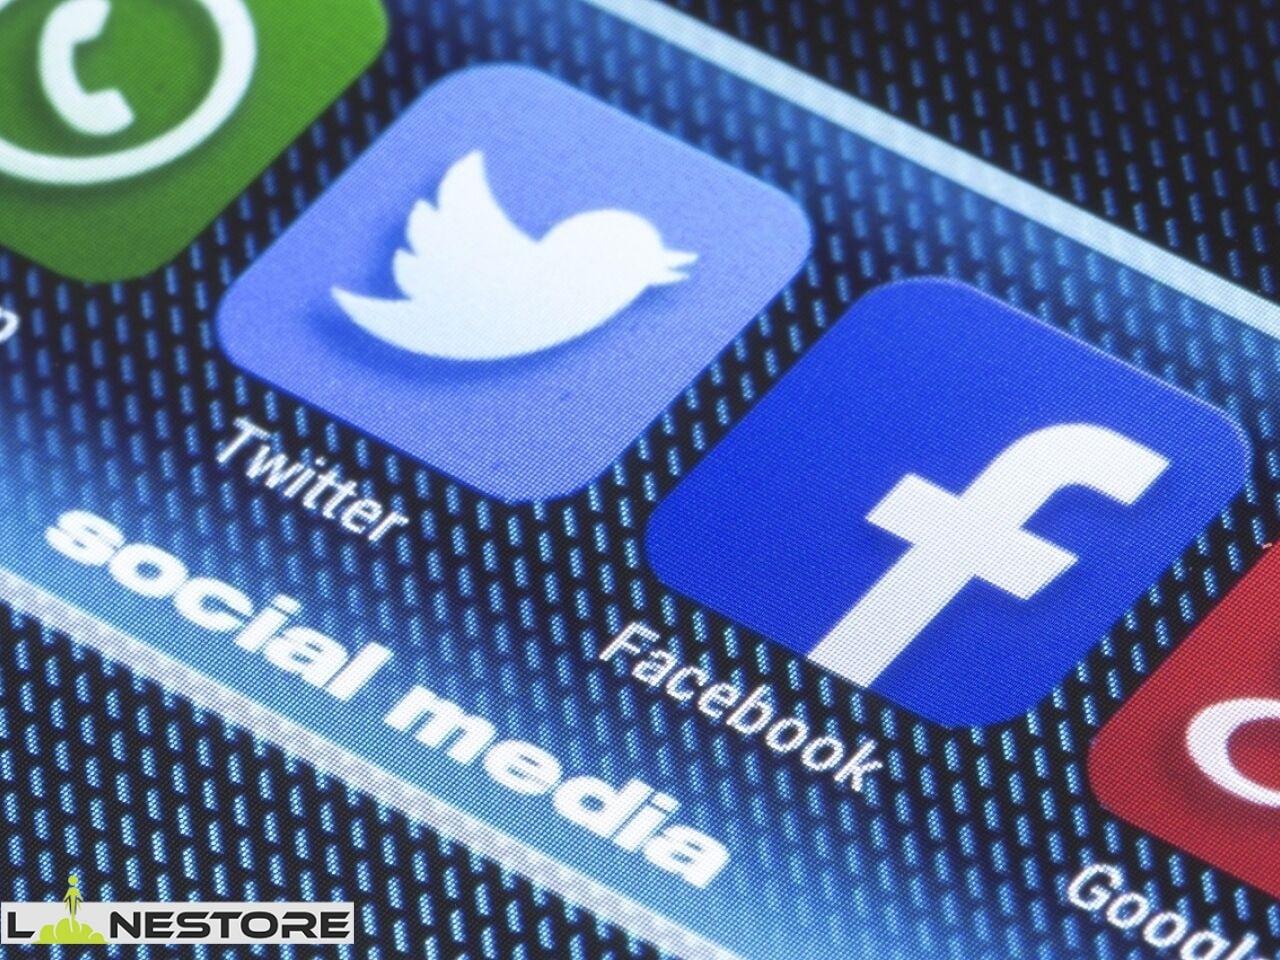 آیا شبکه های اجتماعی توانسته اند بر جنبش های سیاسی اثرگذار باشند؟